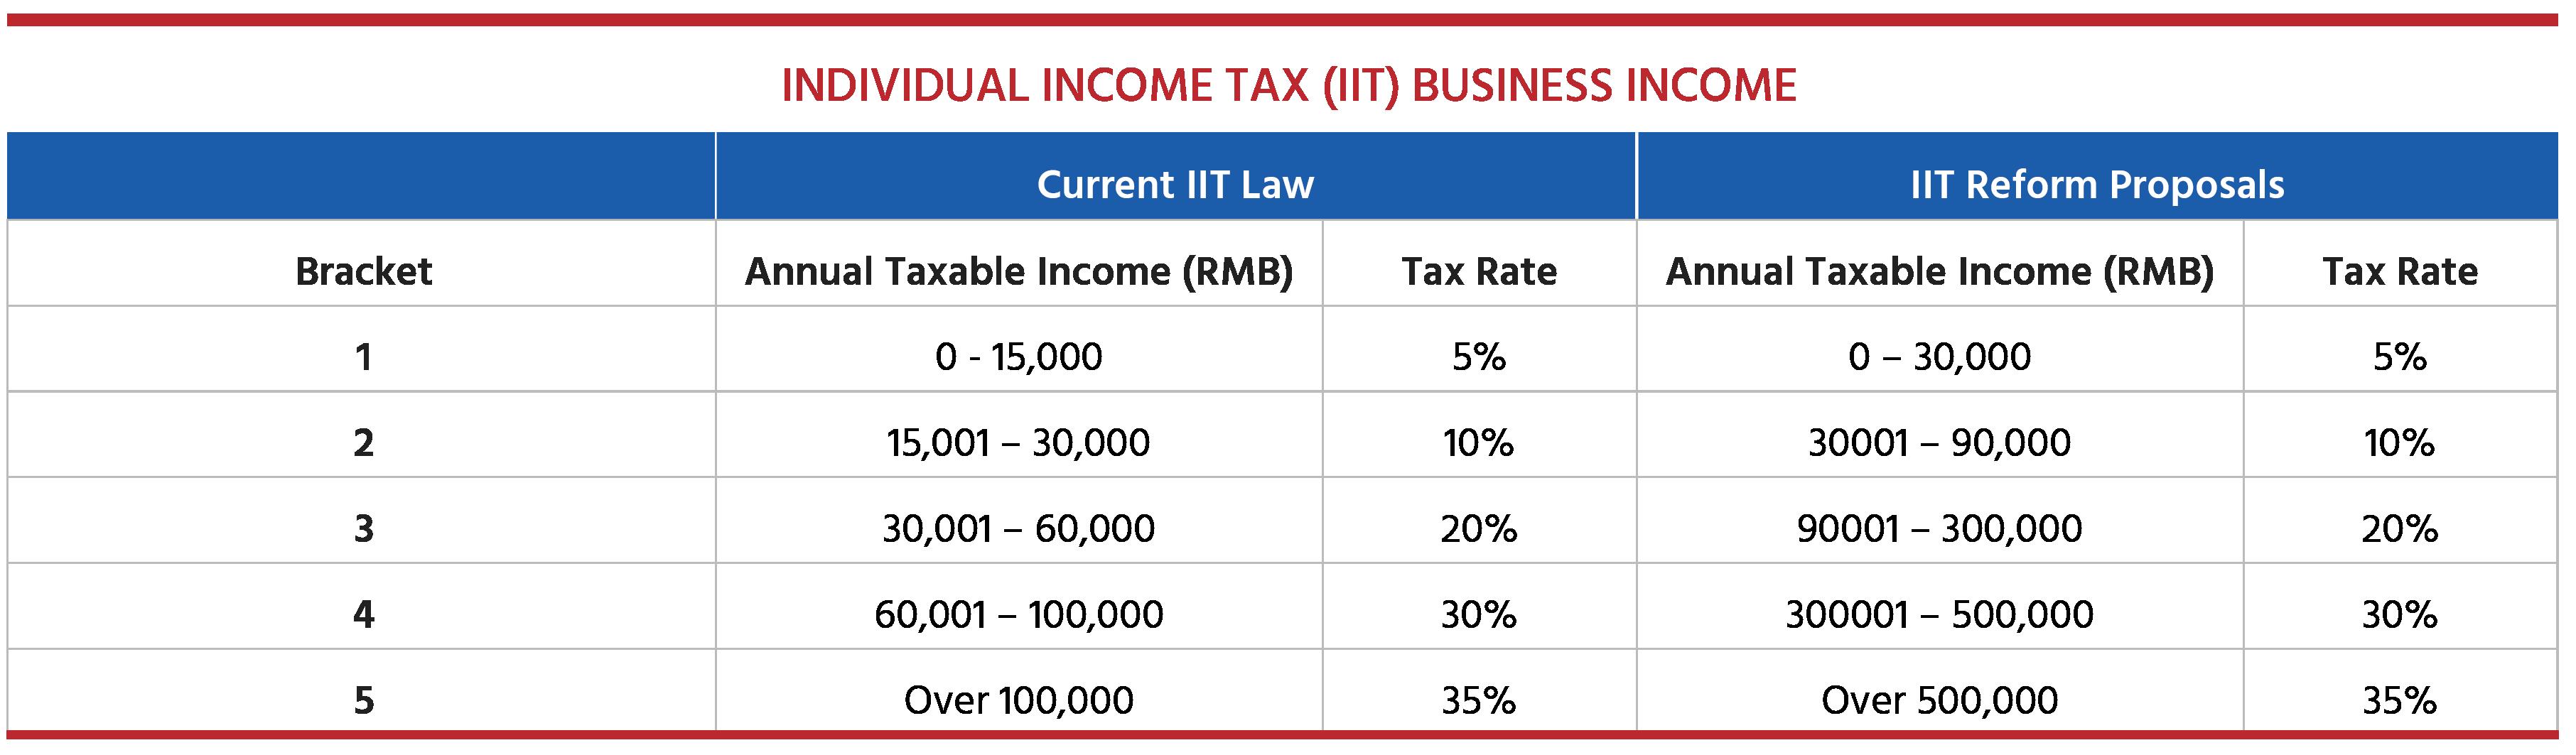 China Individual Income Tax (IIT).